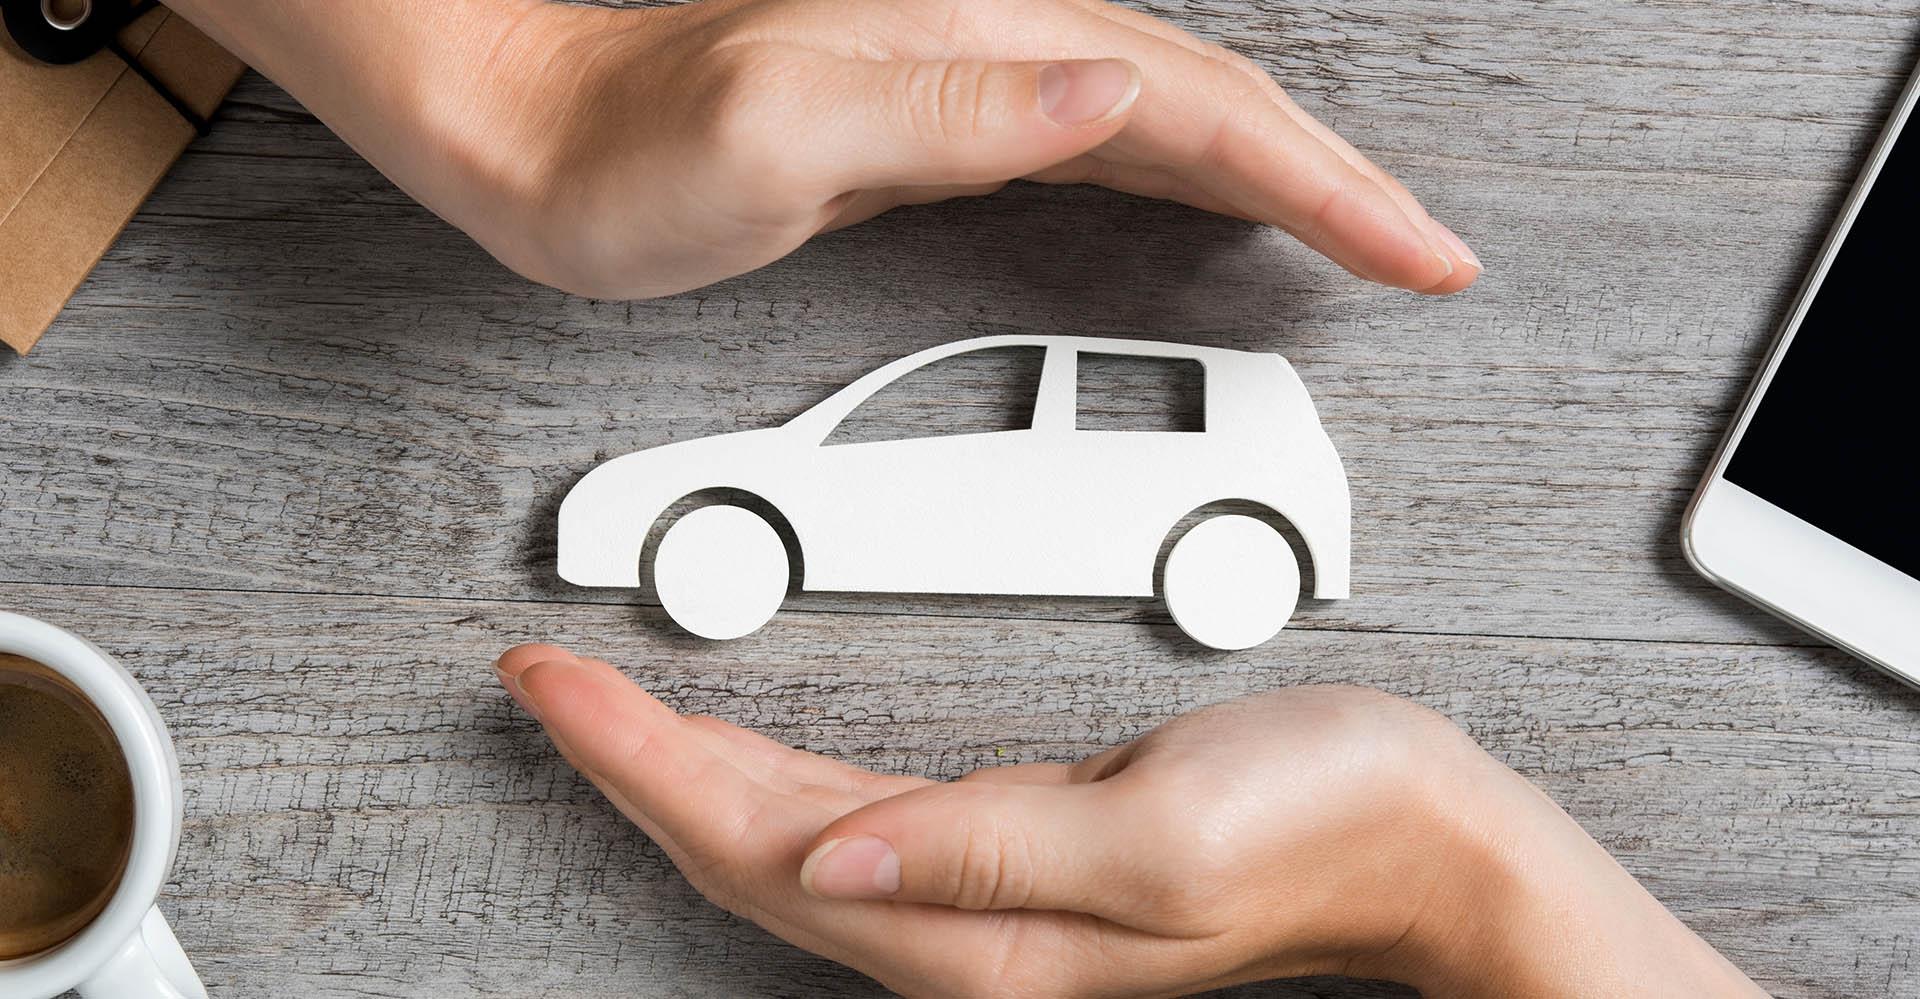 Nadchodzi era obowiązkowych ograniczników prędkości